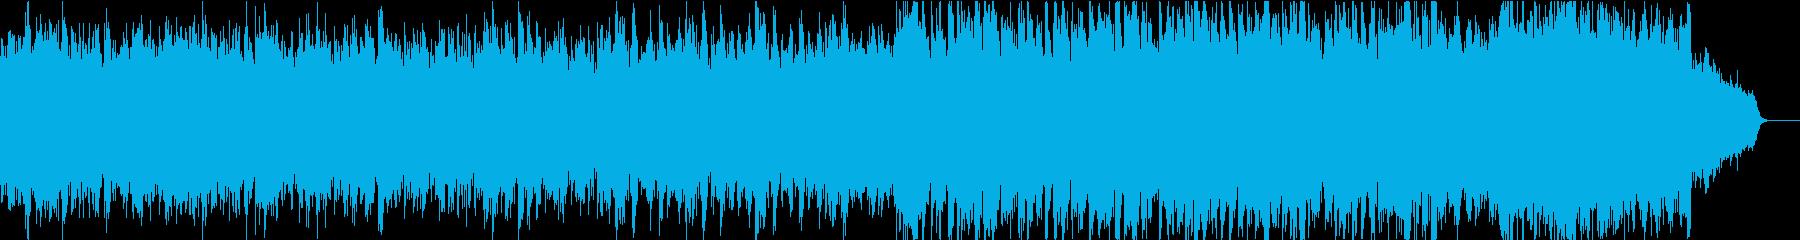 静かで優しい和風オケ②大太鼓ティンパニ抜の再生済みの波形